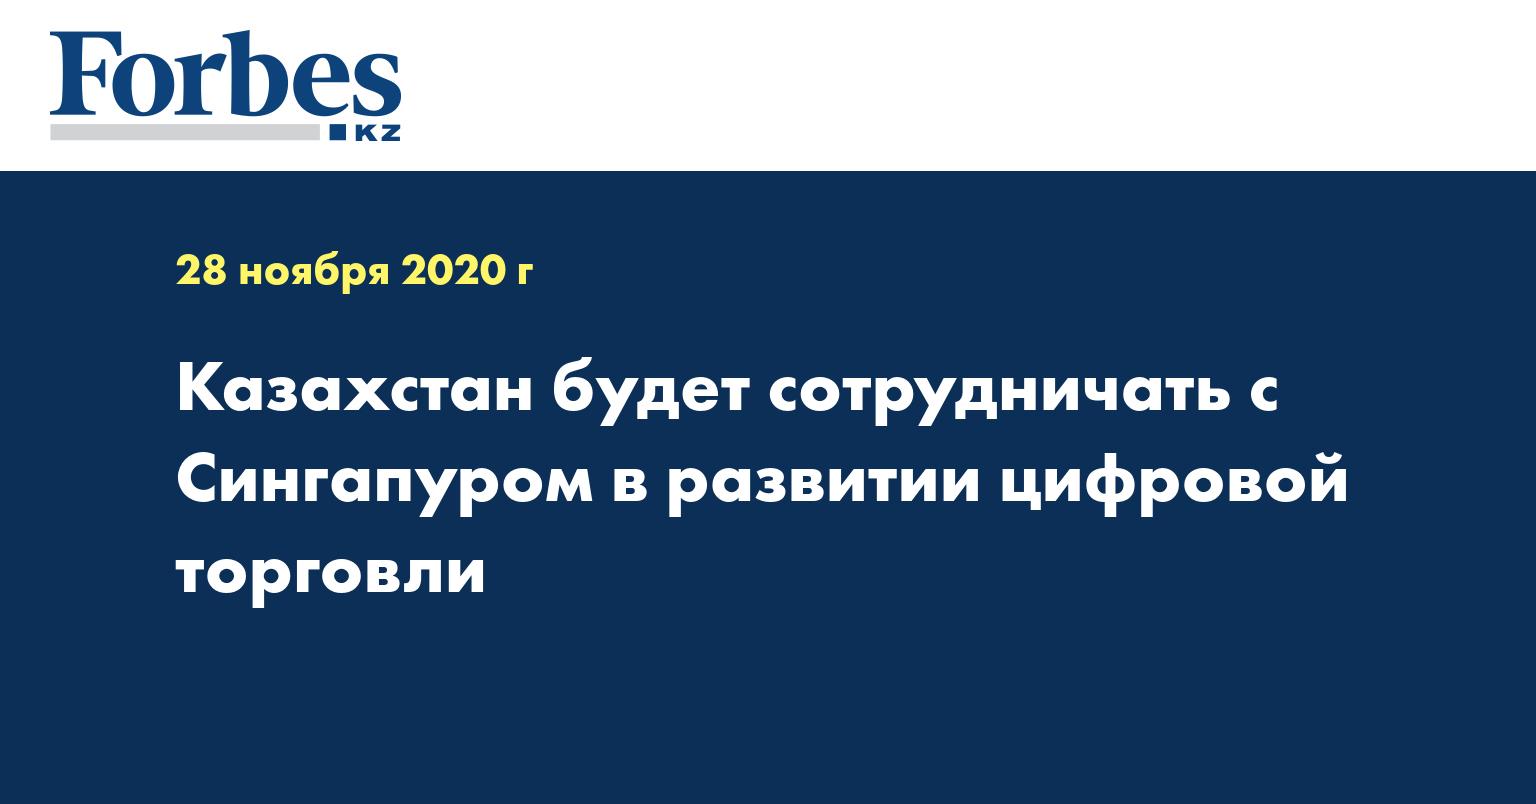 Казахстан будет сотрудничать с Сингапуром в развитии цифровой торговли